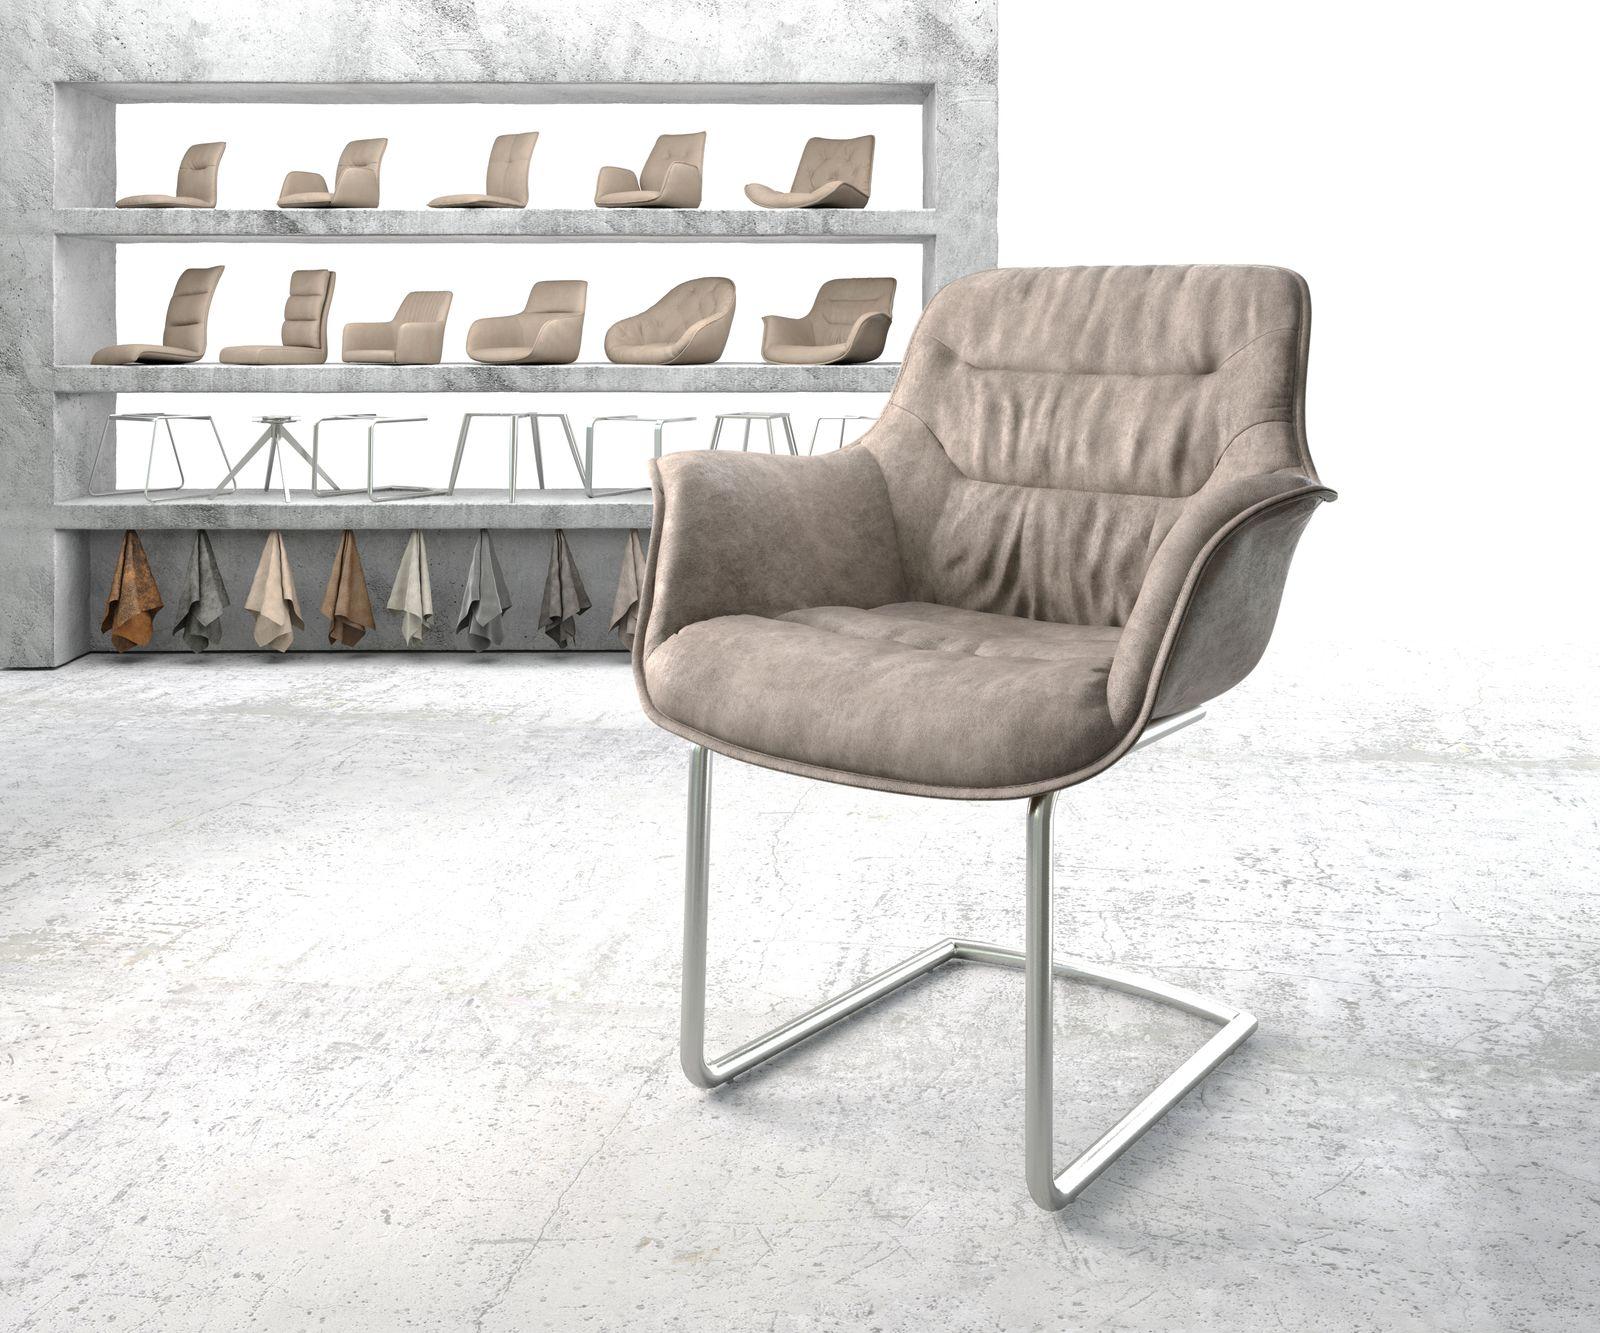 delife-armlehnstuhl-kaira-flex-taupe-vintage-freischwinger-rund-edelstahl-esszimmerstuhle